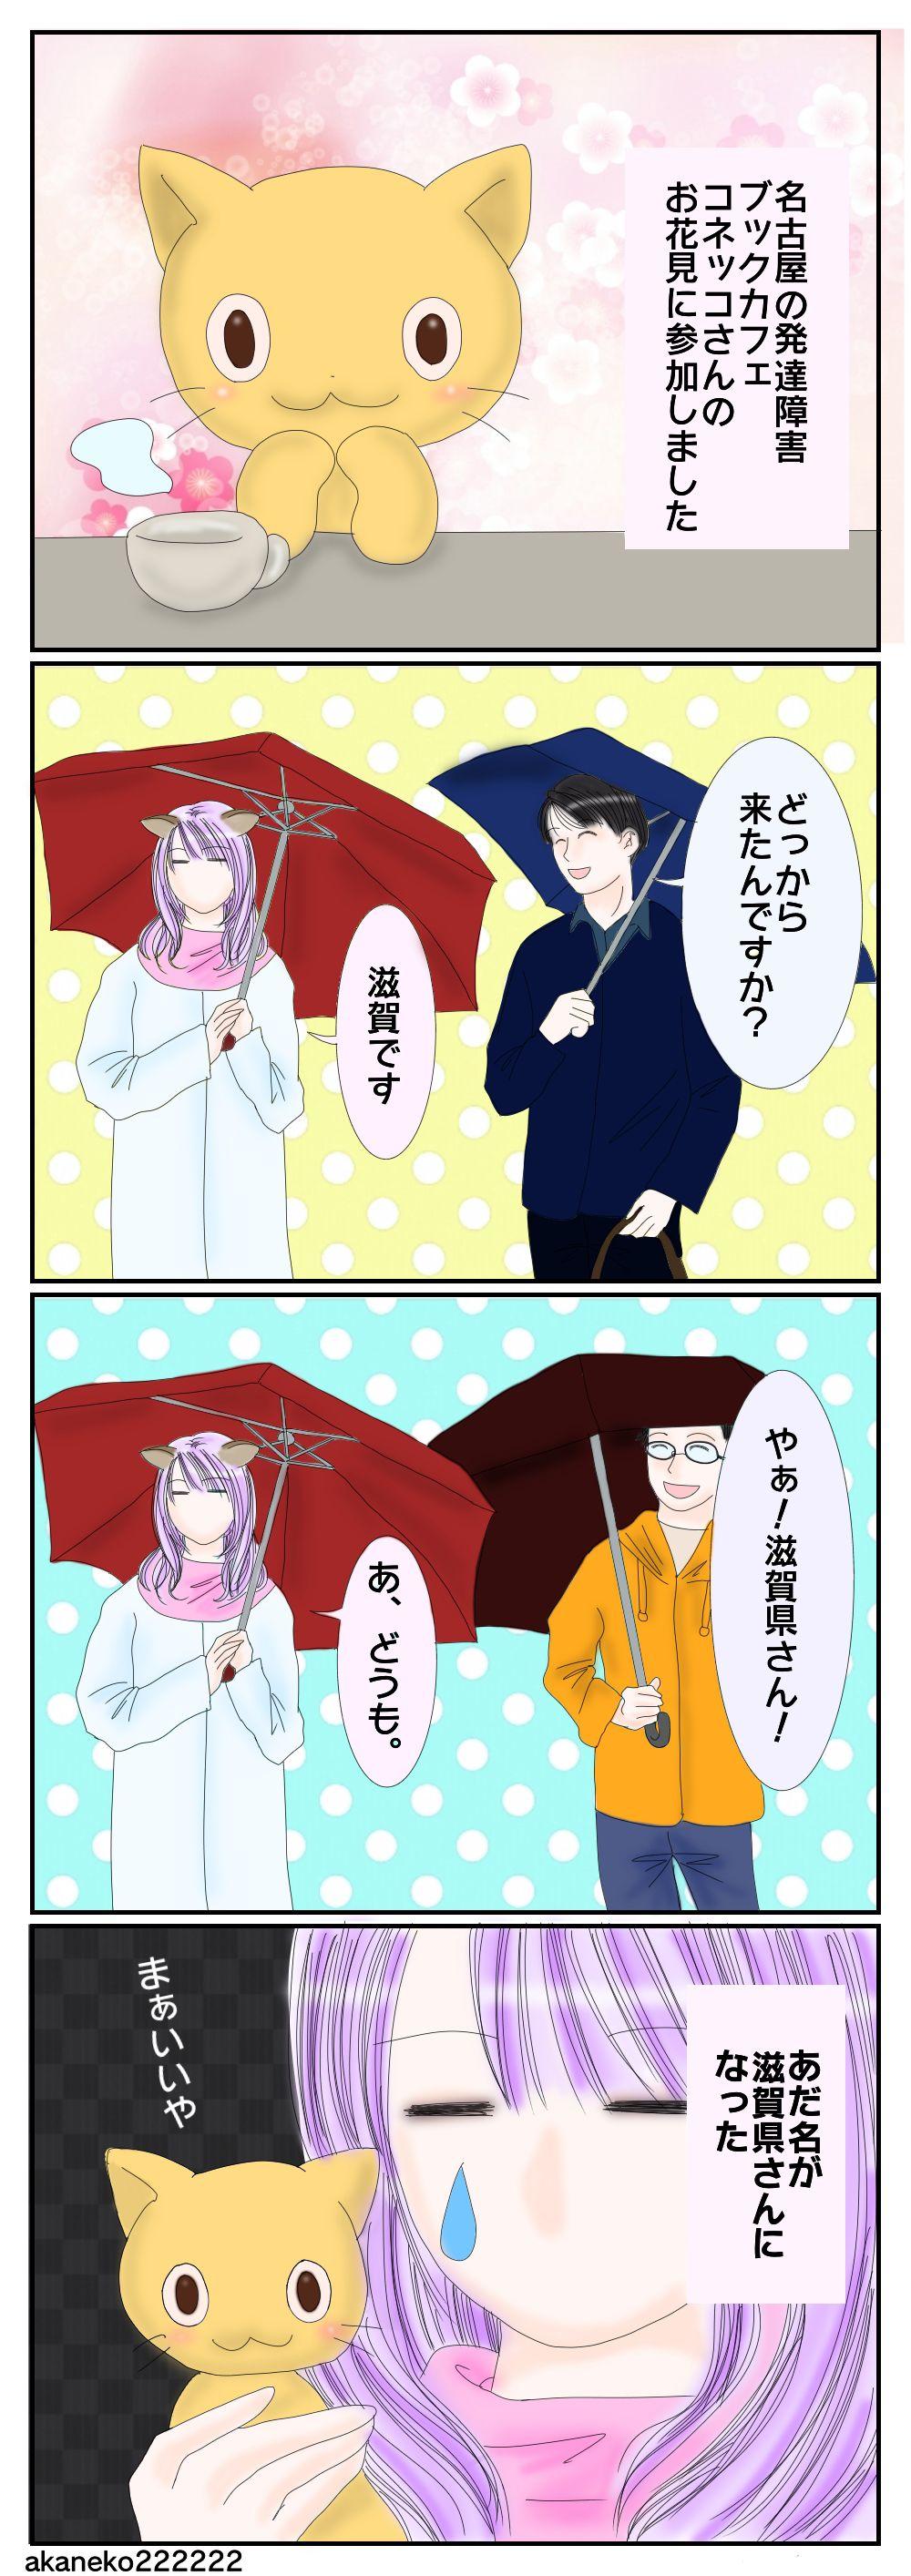 名古屋の発達障害ブックカフェco-necco(コネッコ)さんのお花見に参加した時の四コマ漫画